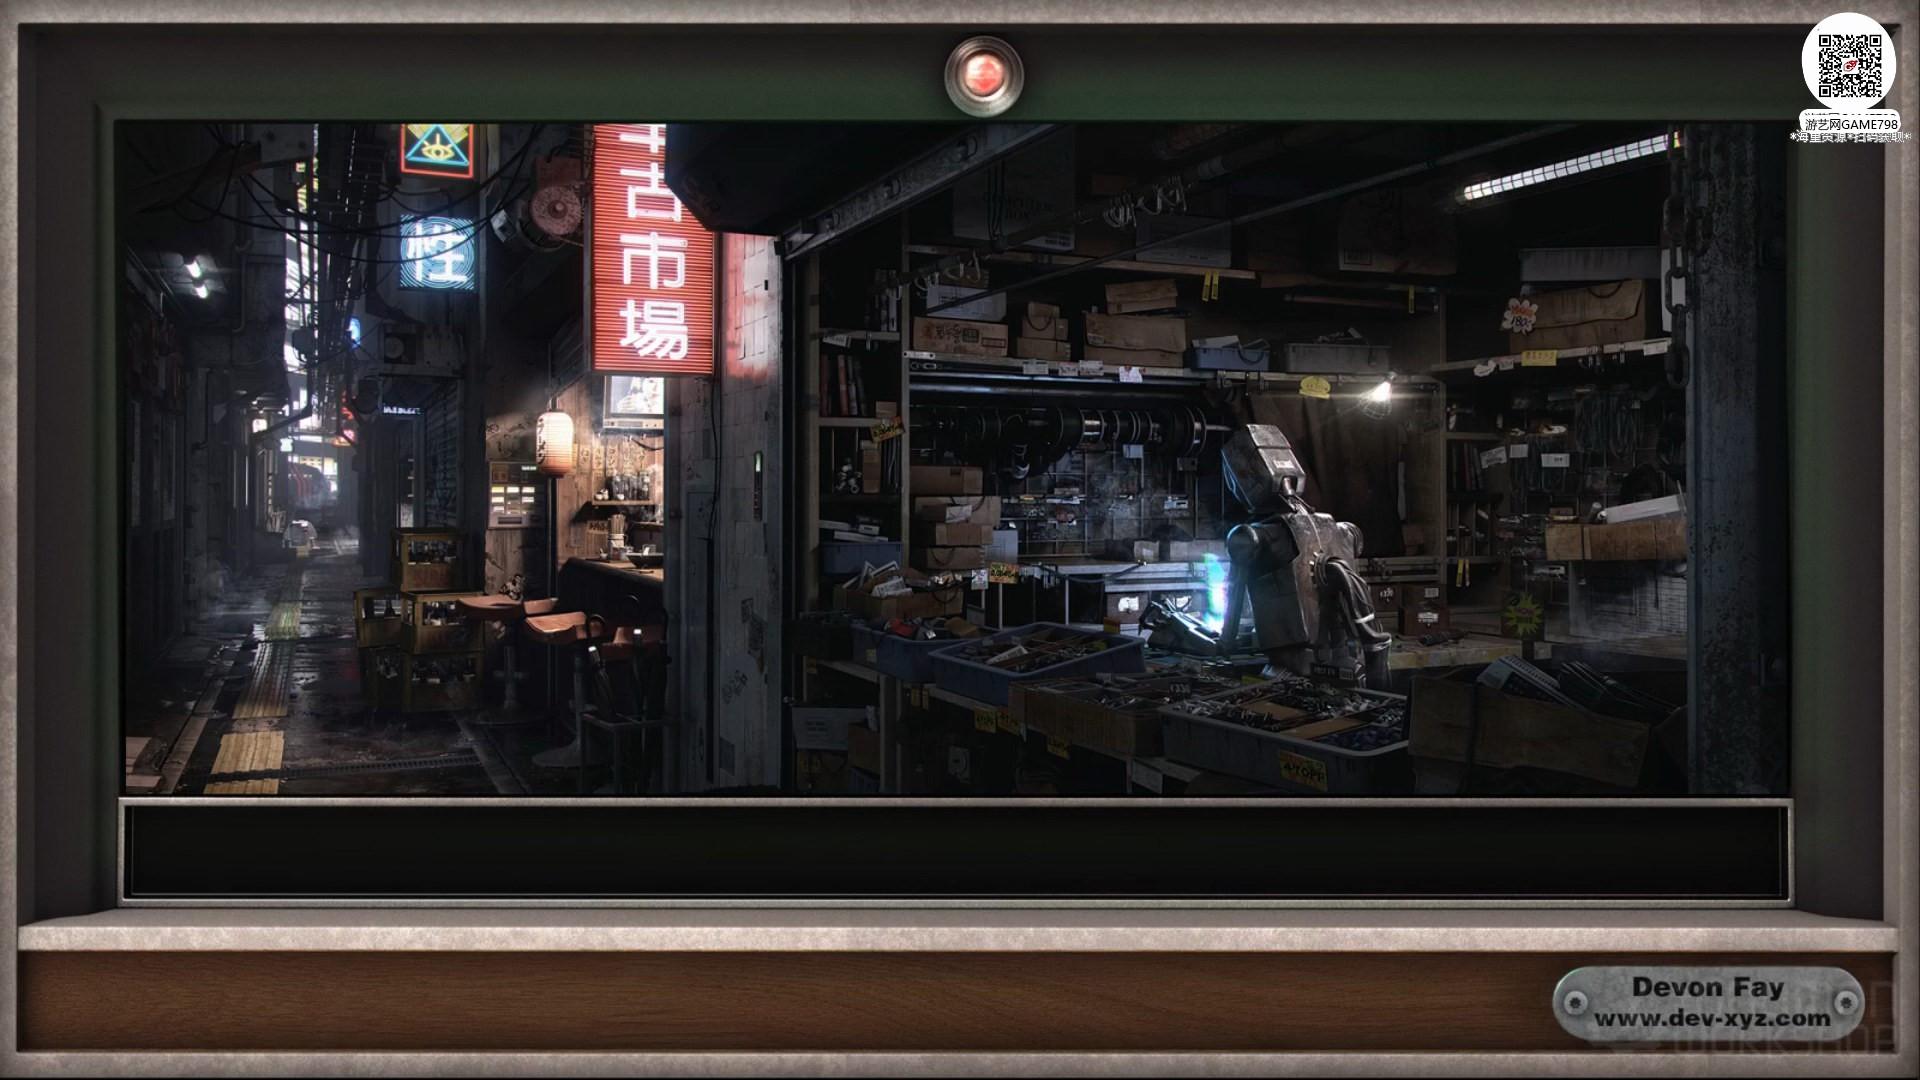 001_关注-游艺网GAME798海量资源下载【视频教程】MAYA制作科幻场景.jpg